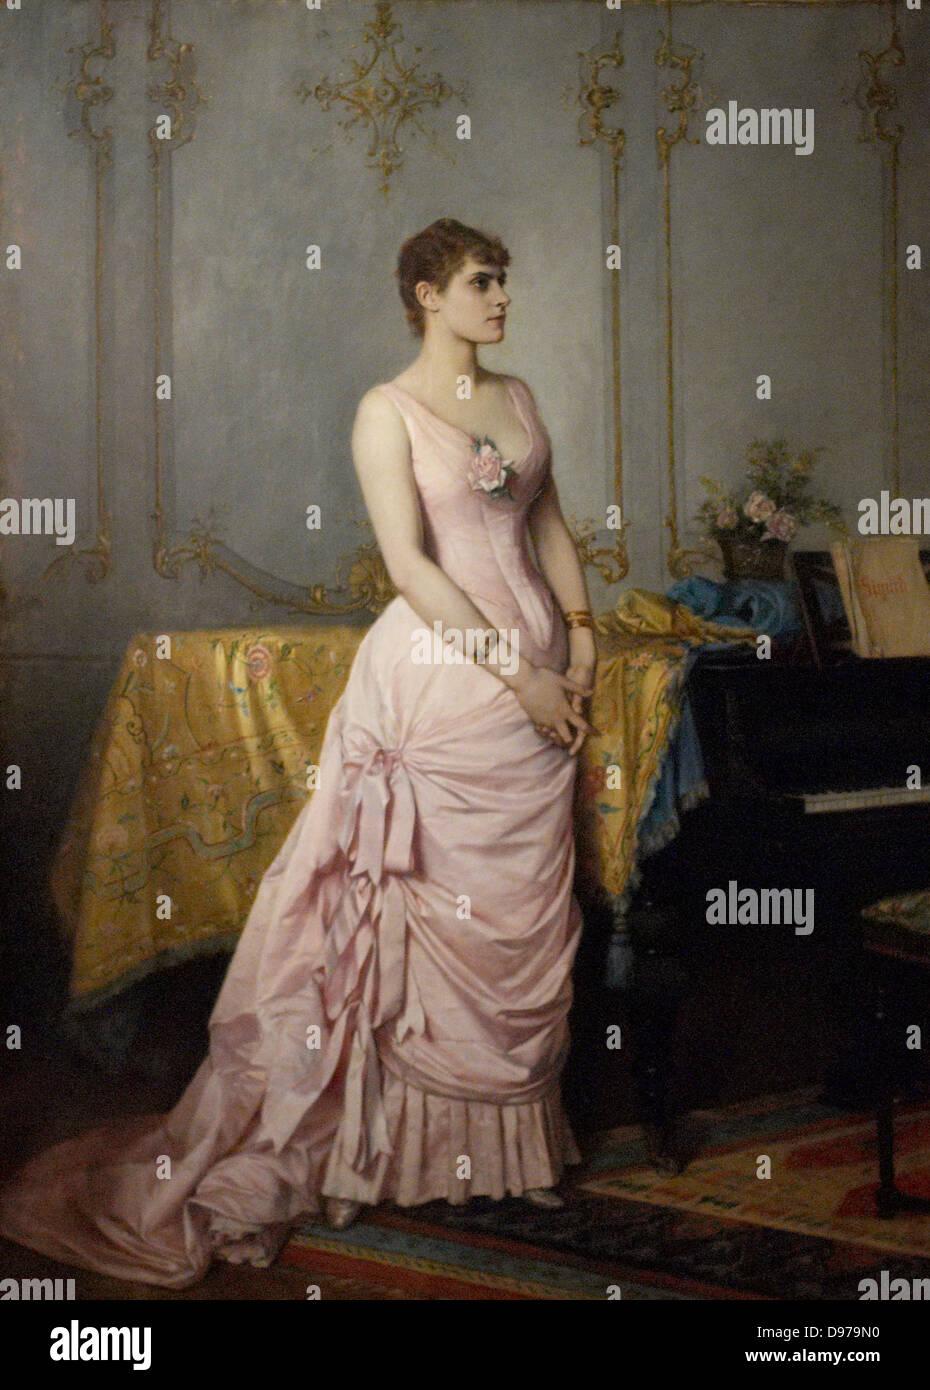 Auguste Toulmouche Ritratto di Rose Caron del XIX secolo Parigi - Museo Carnavalet Immagini Stock